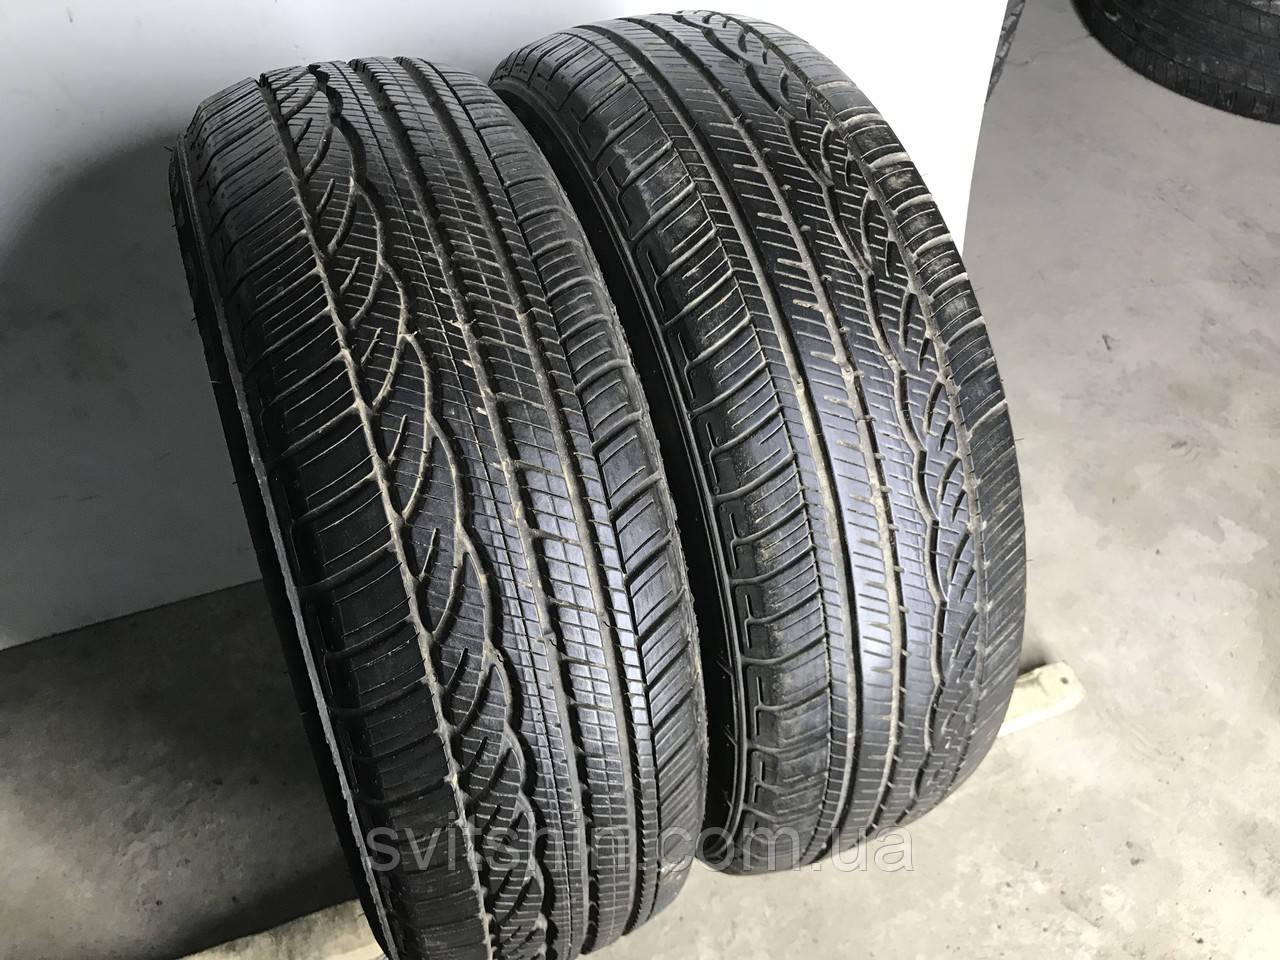 Шини бузимние 185/60R15 Dunlop SP Sport 01 A/S (5-5,5 мм) 2шт